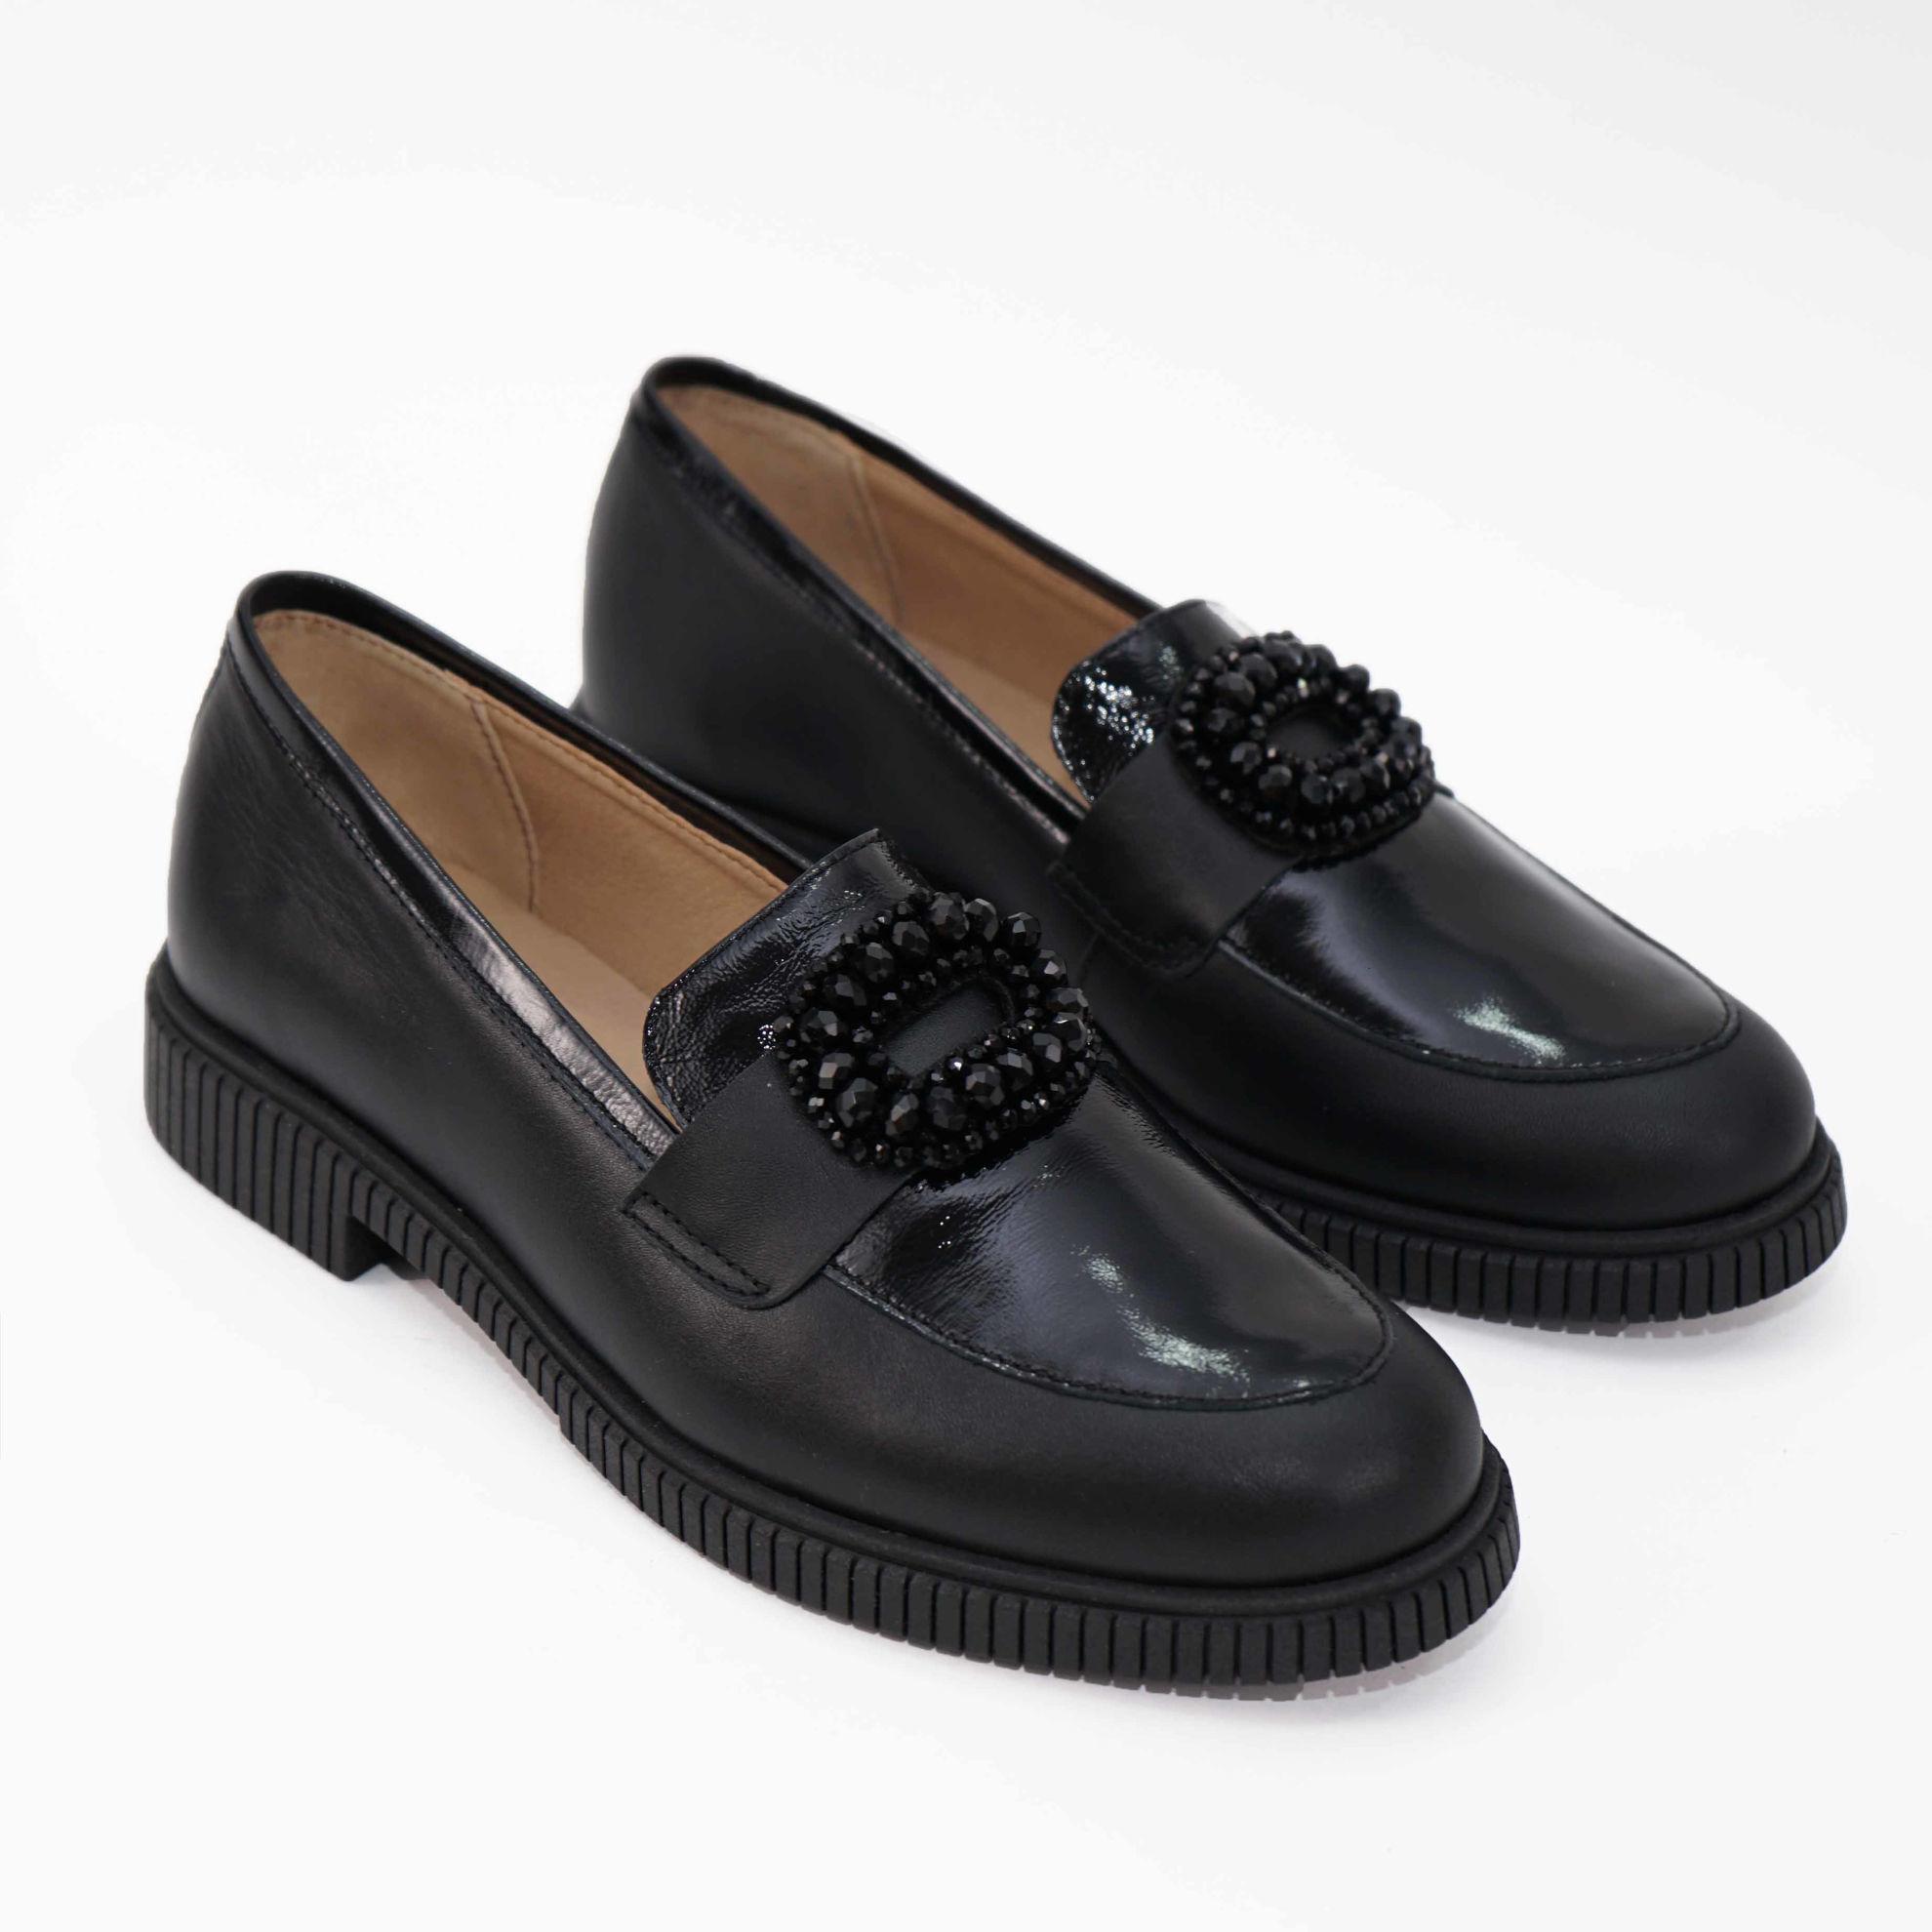 Imagine Pantofi damă piele naturală L 211 Negru